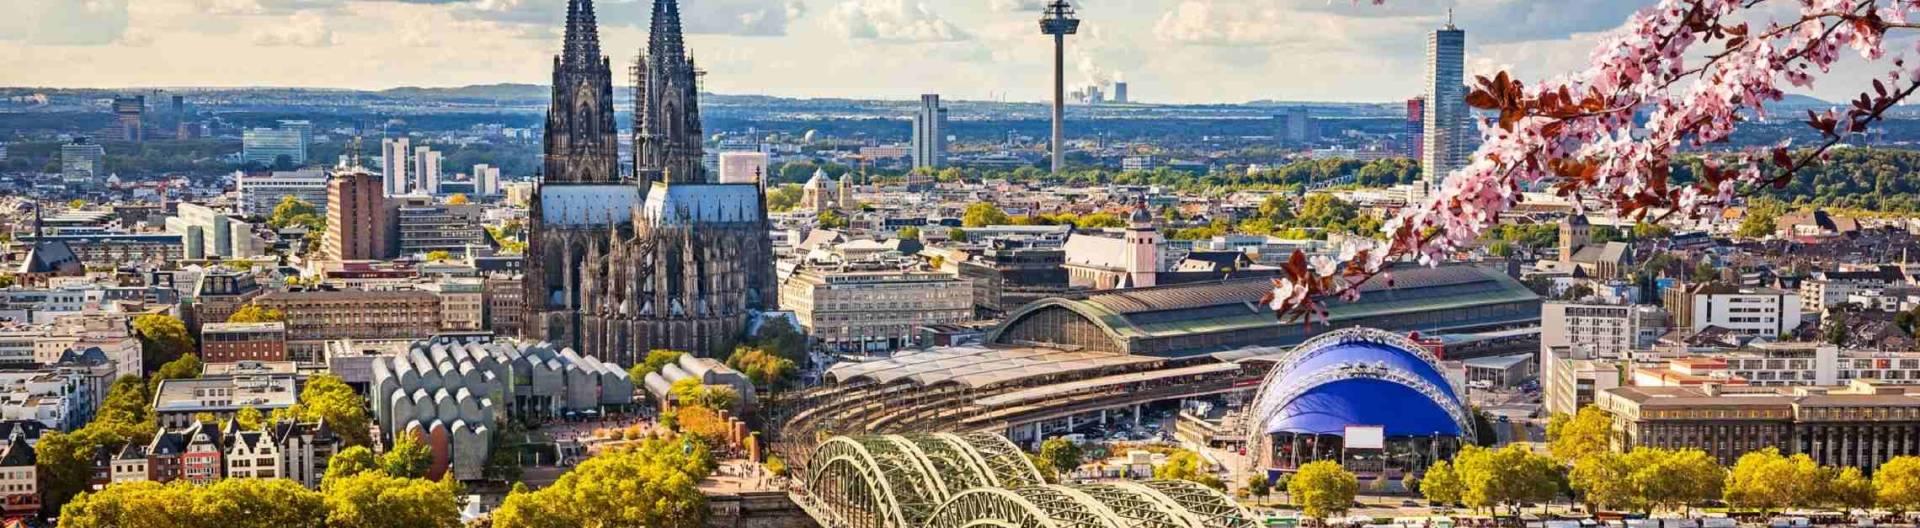 Kölnin-kaupunki-Reinin-varrella-Saksa-1920x528.jpg